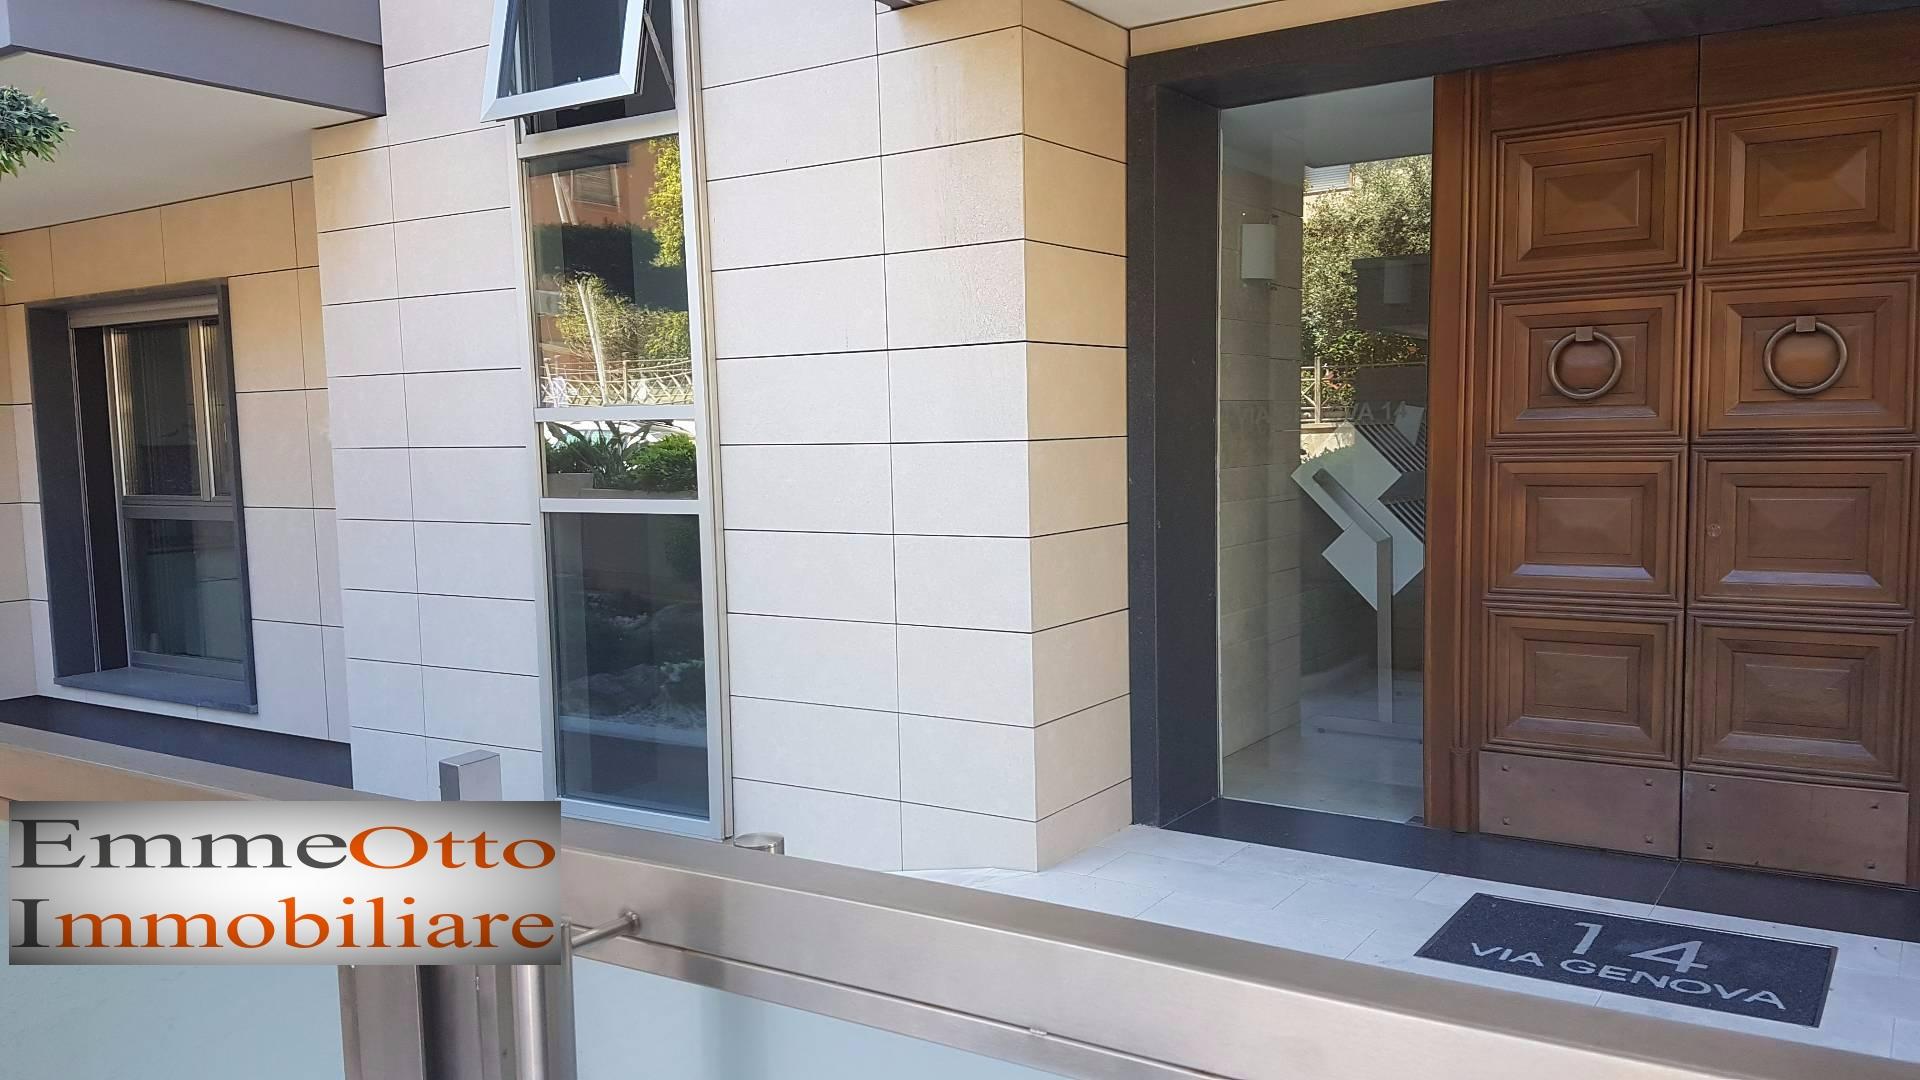 Appartamento in affitto a Cagliari, 3 locali, zona Zona: Bonaria, prezzo € 1.400   CambioCasa.it